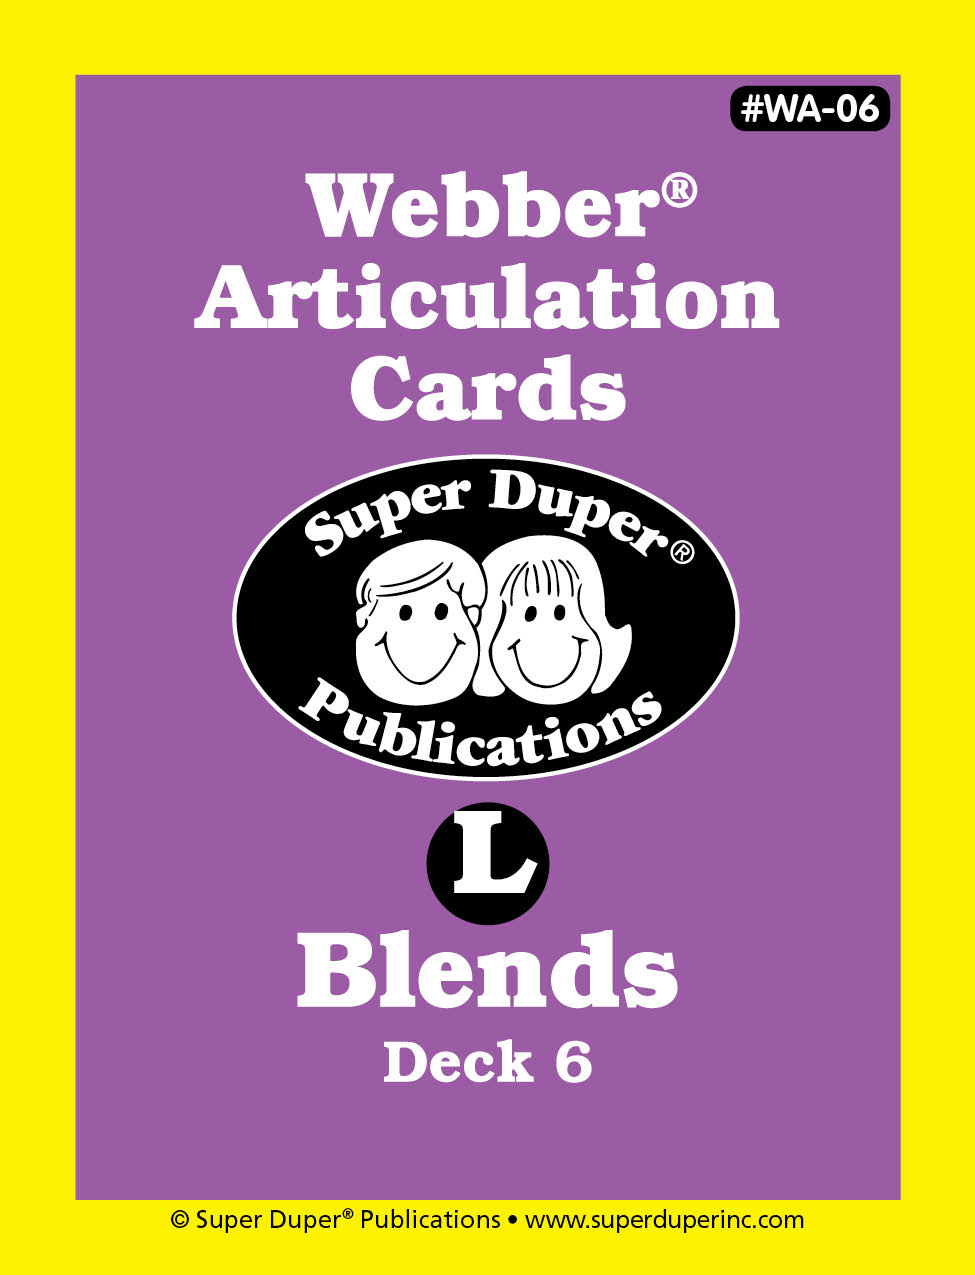 Webber Articulation Cards - L Blends